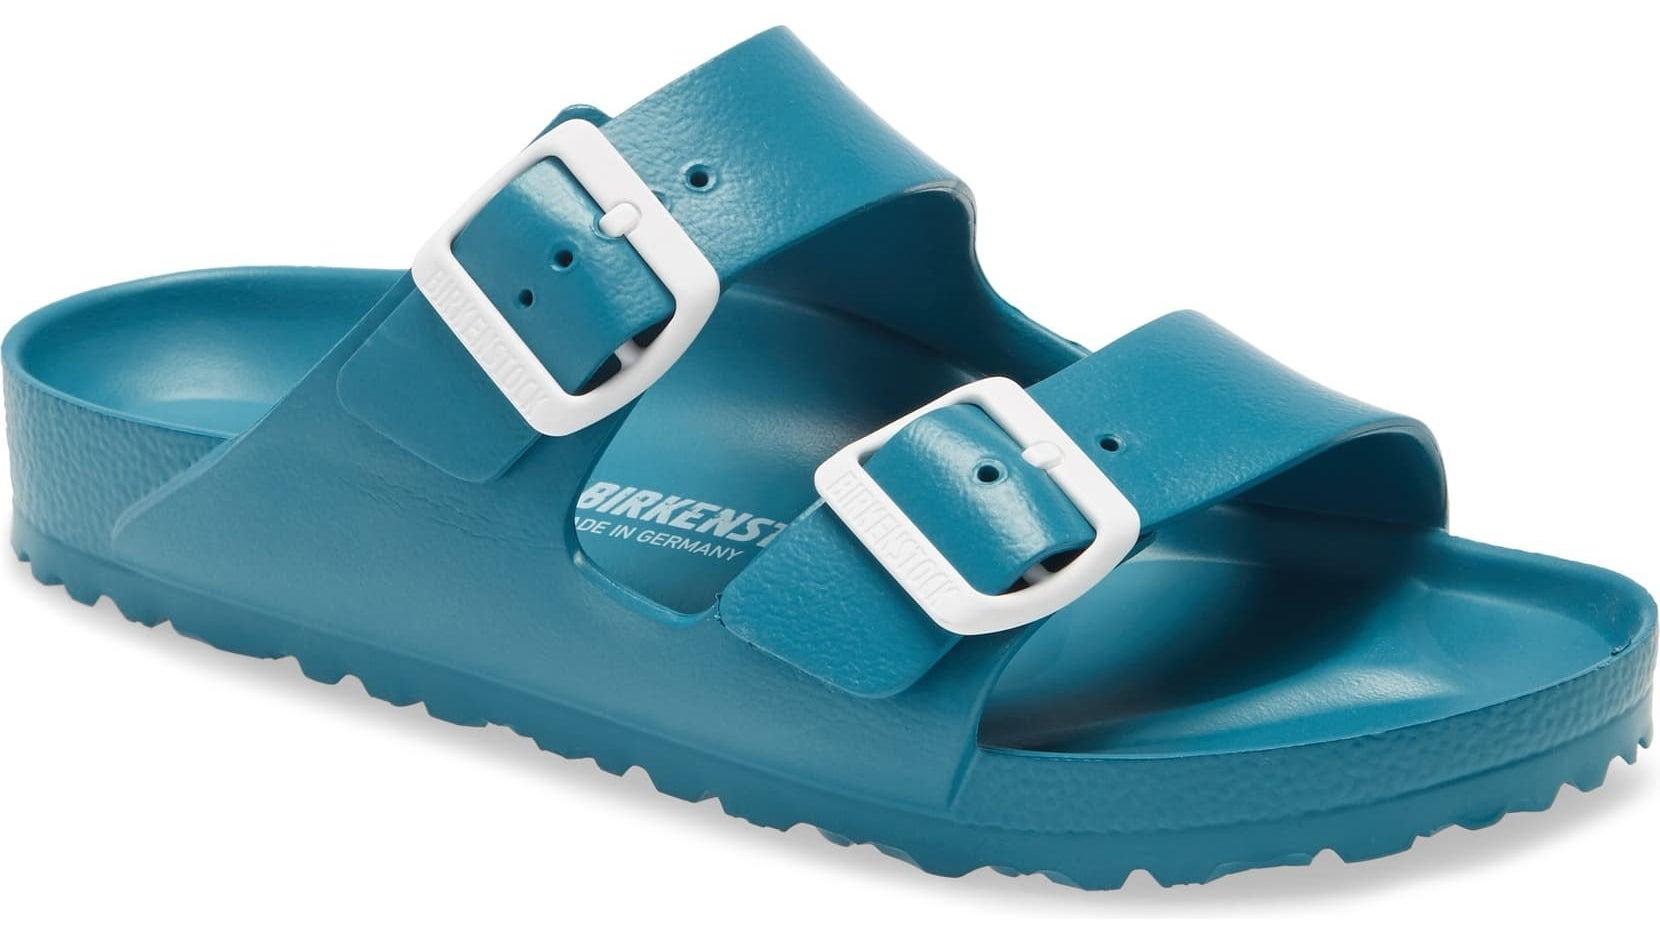 Waterproof Birkenstock strap sandals in turquoise